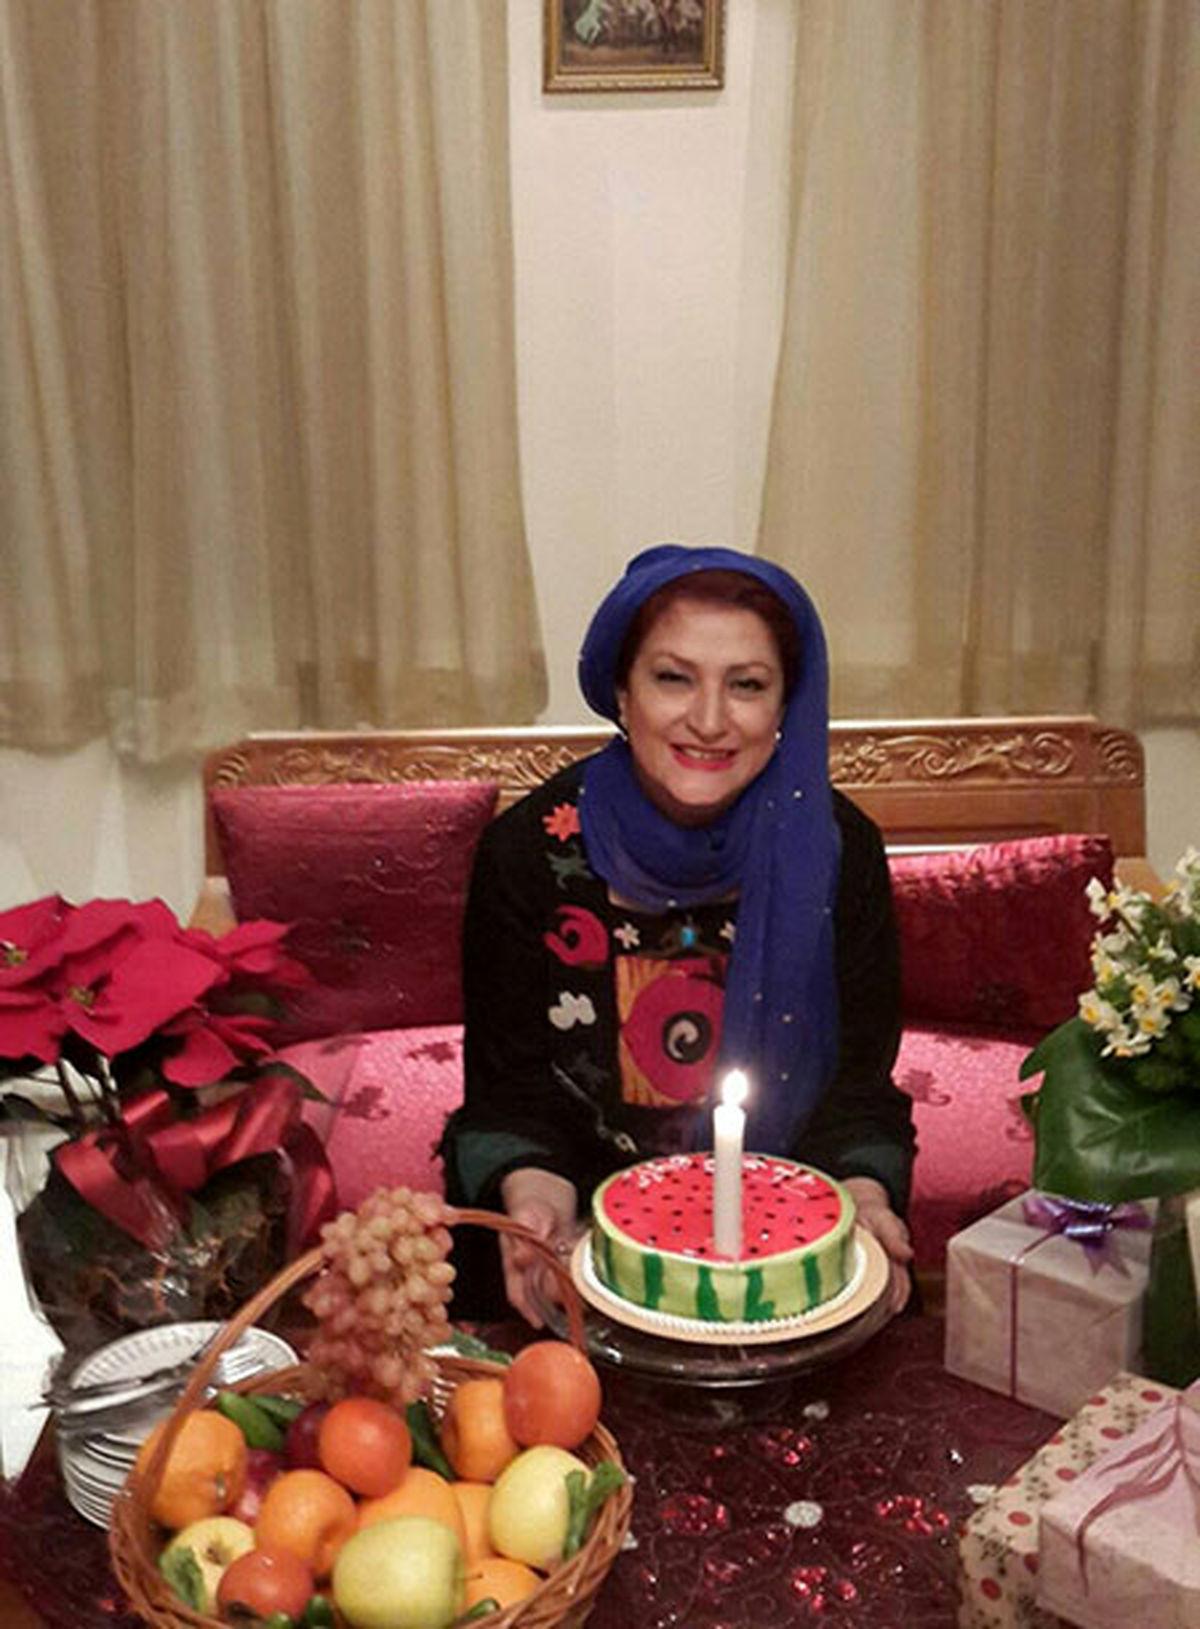 عصبانیت و داد و بیداد مریم امیرجلالی بر سر مردم! + فیلم